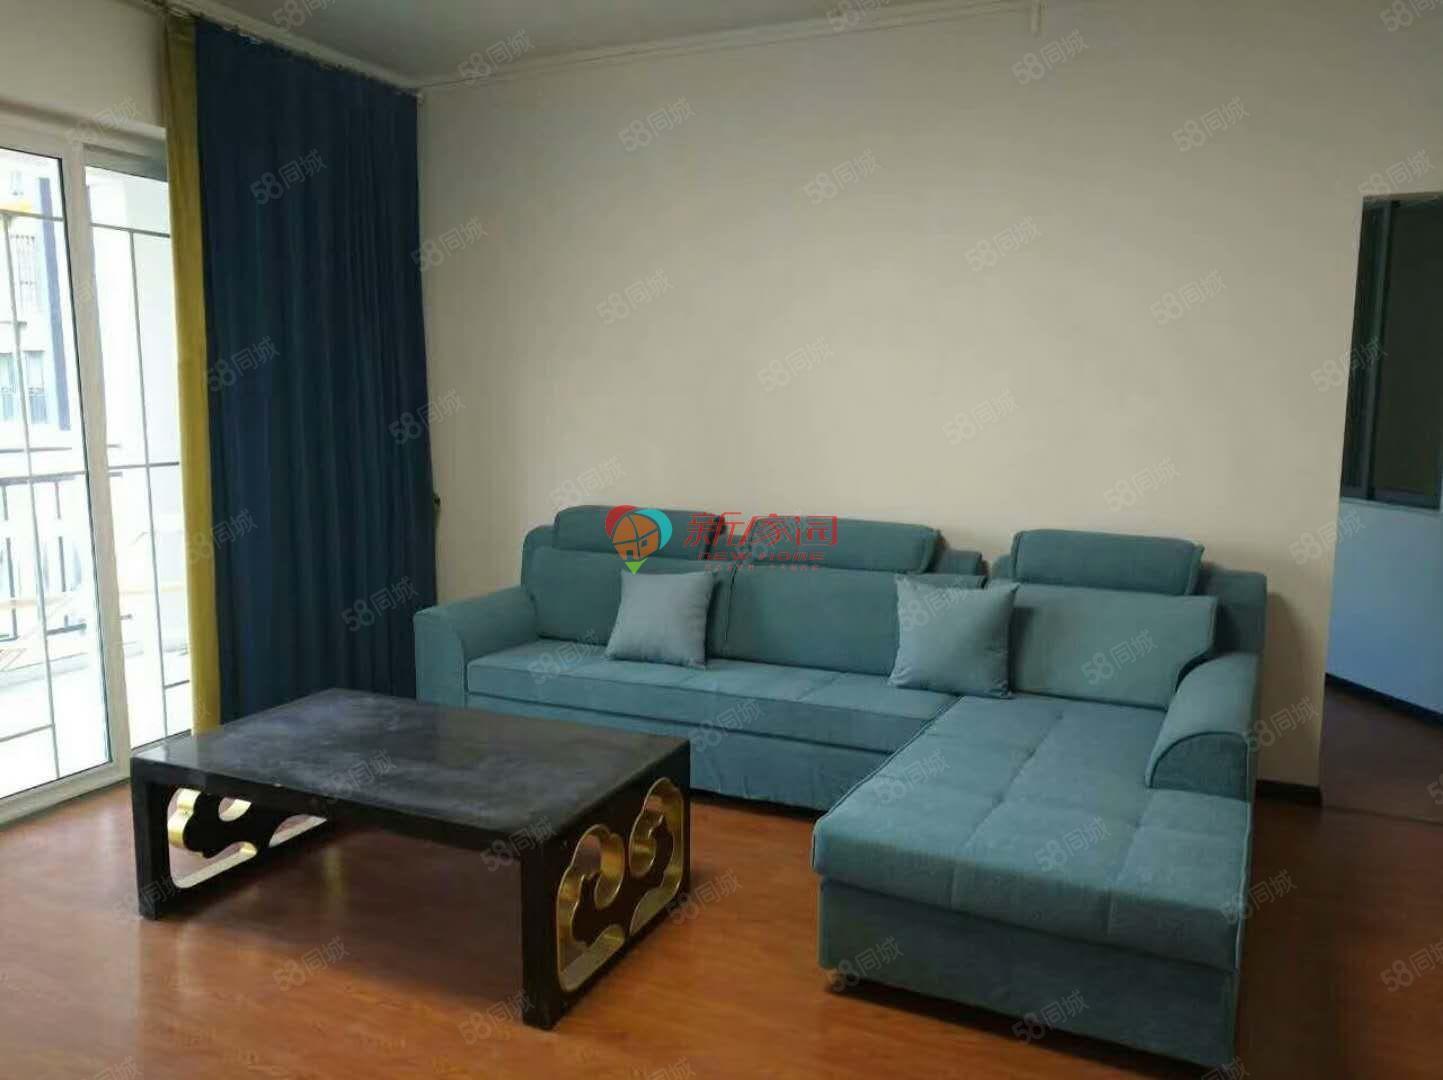 金滩毫苑3室2厅2卫,观景房,落地大飘窗,拎包入住